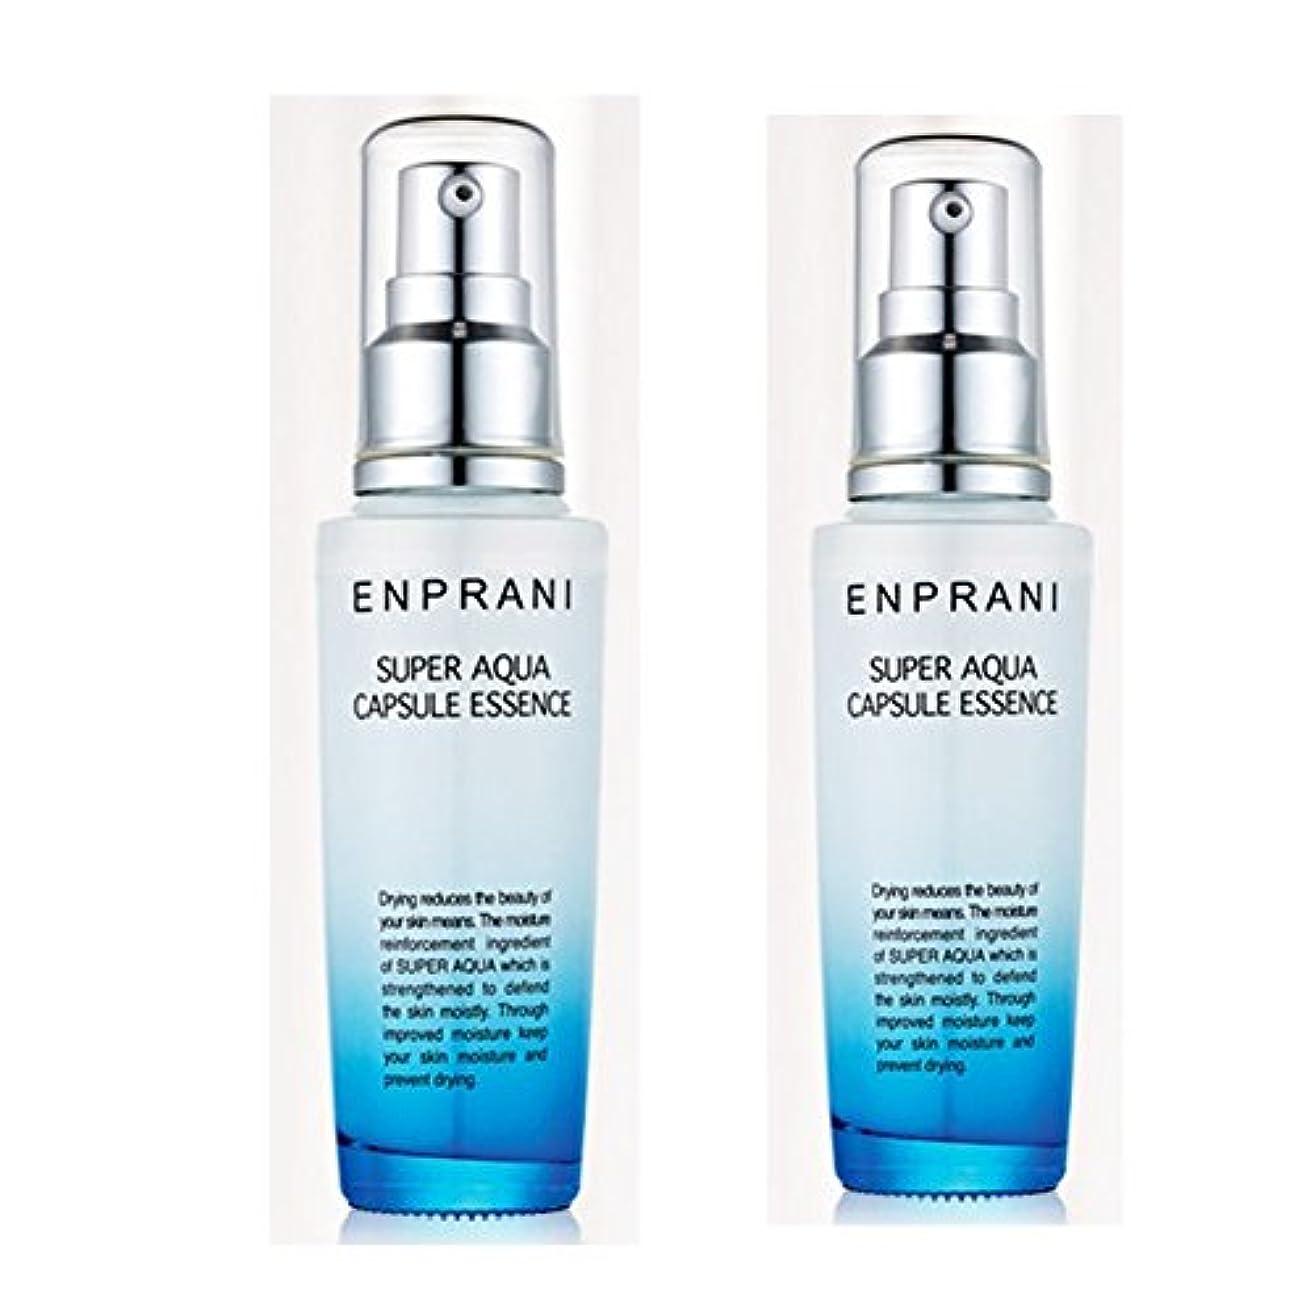 日の出予感再生エンプラニ(ENPRANI) スーパーアクアカプセルエッセンス55ml x 2本セット、ENPRANI Super Aqua Capsule Essence 55ml x 2ea Set [並行輸入品]